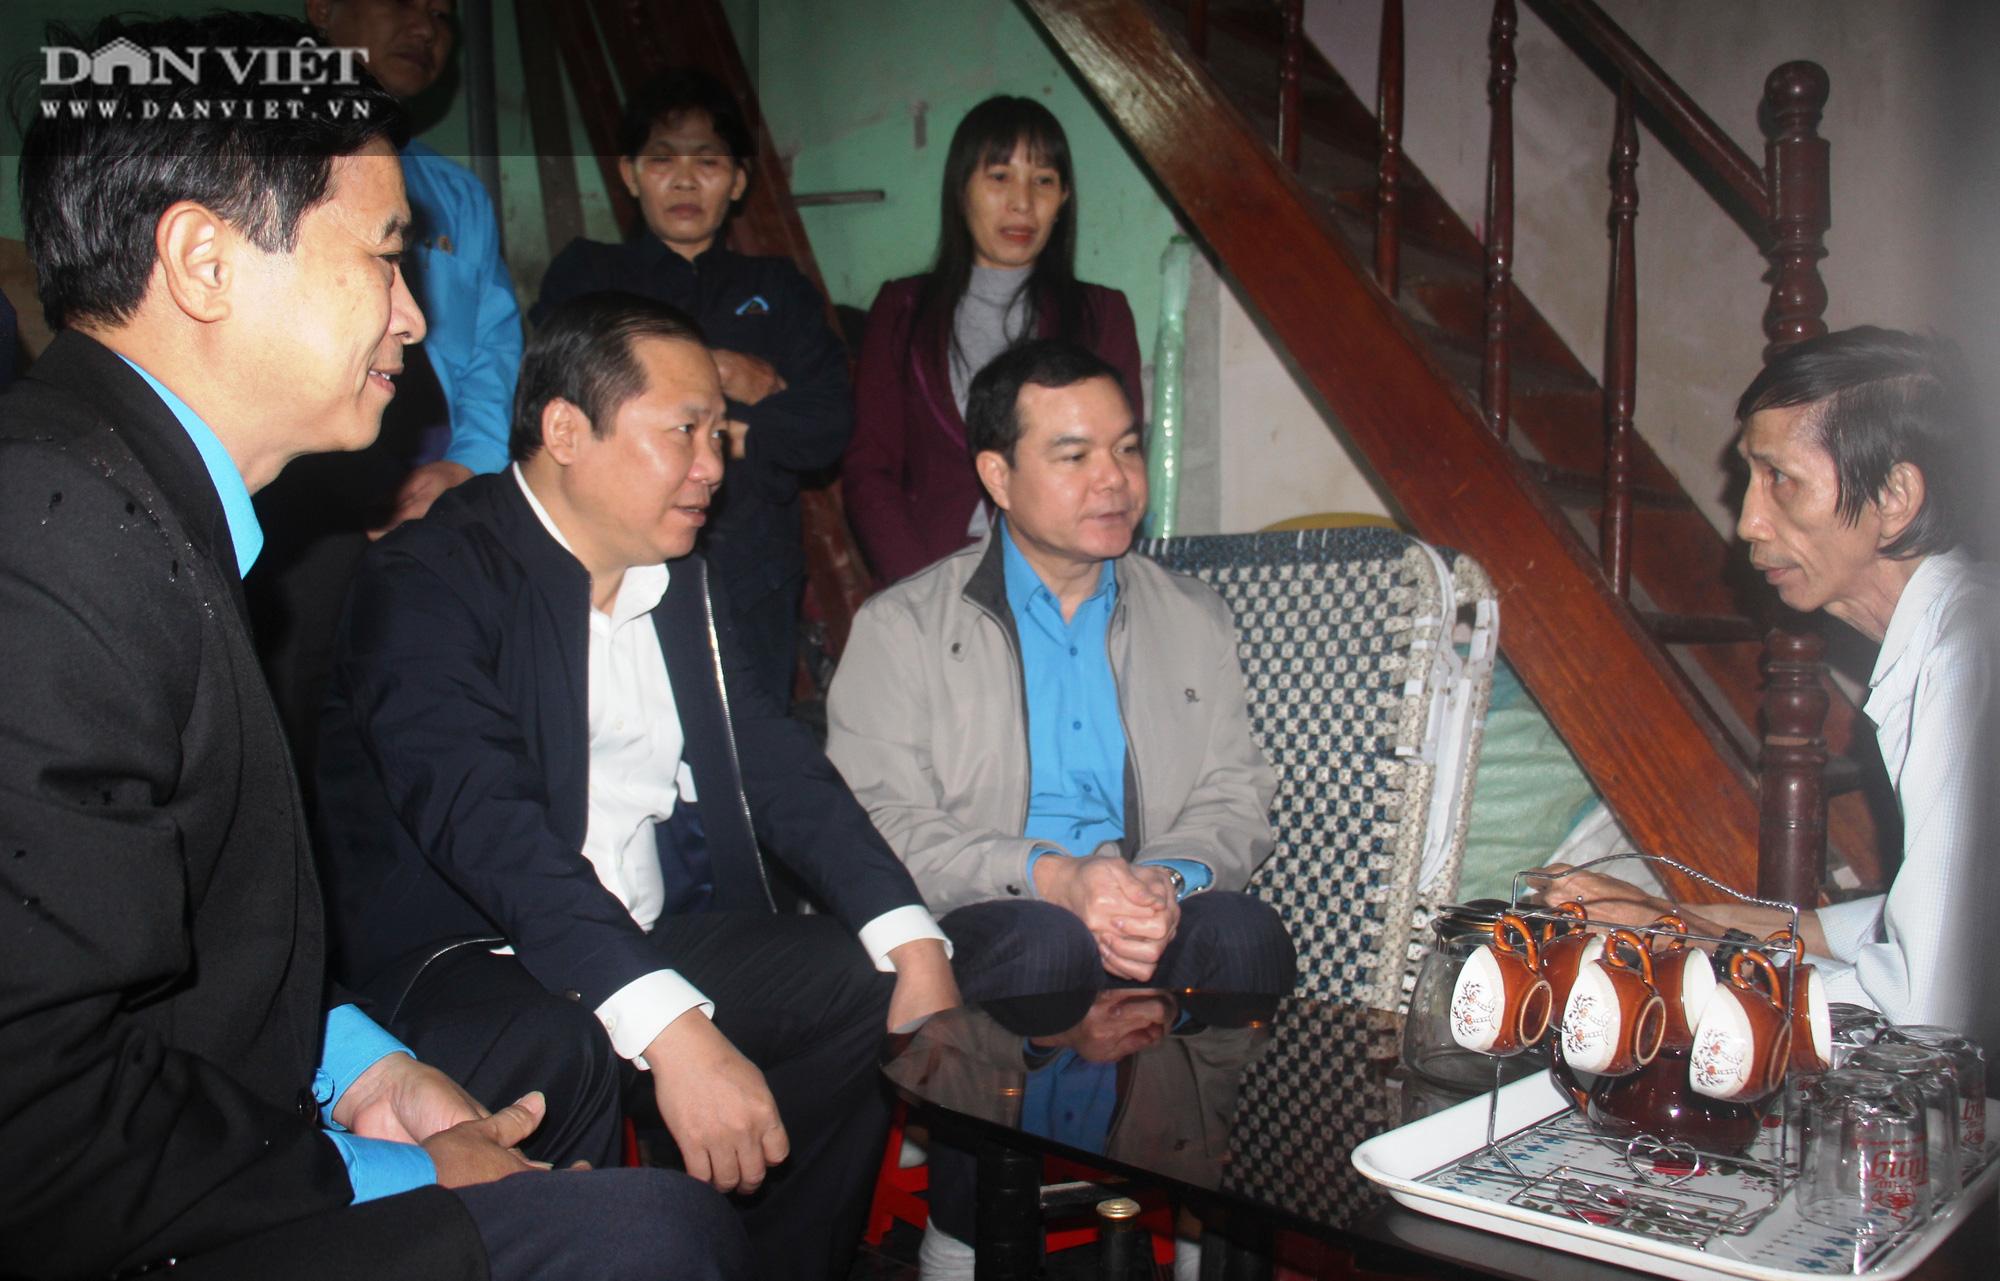 Mang Tết đến với hàng trăm công nhân gặp cảnh ngặt nghèo, khốn khó ở Bình Định - Ảnh 1.